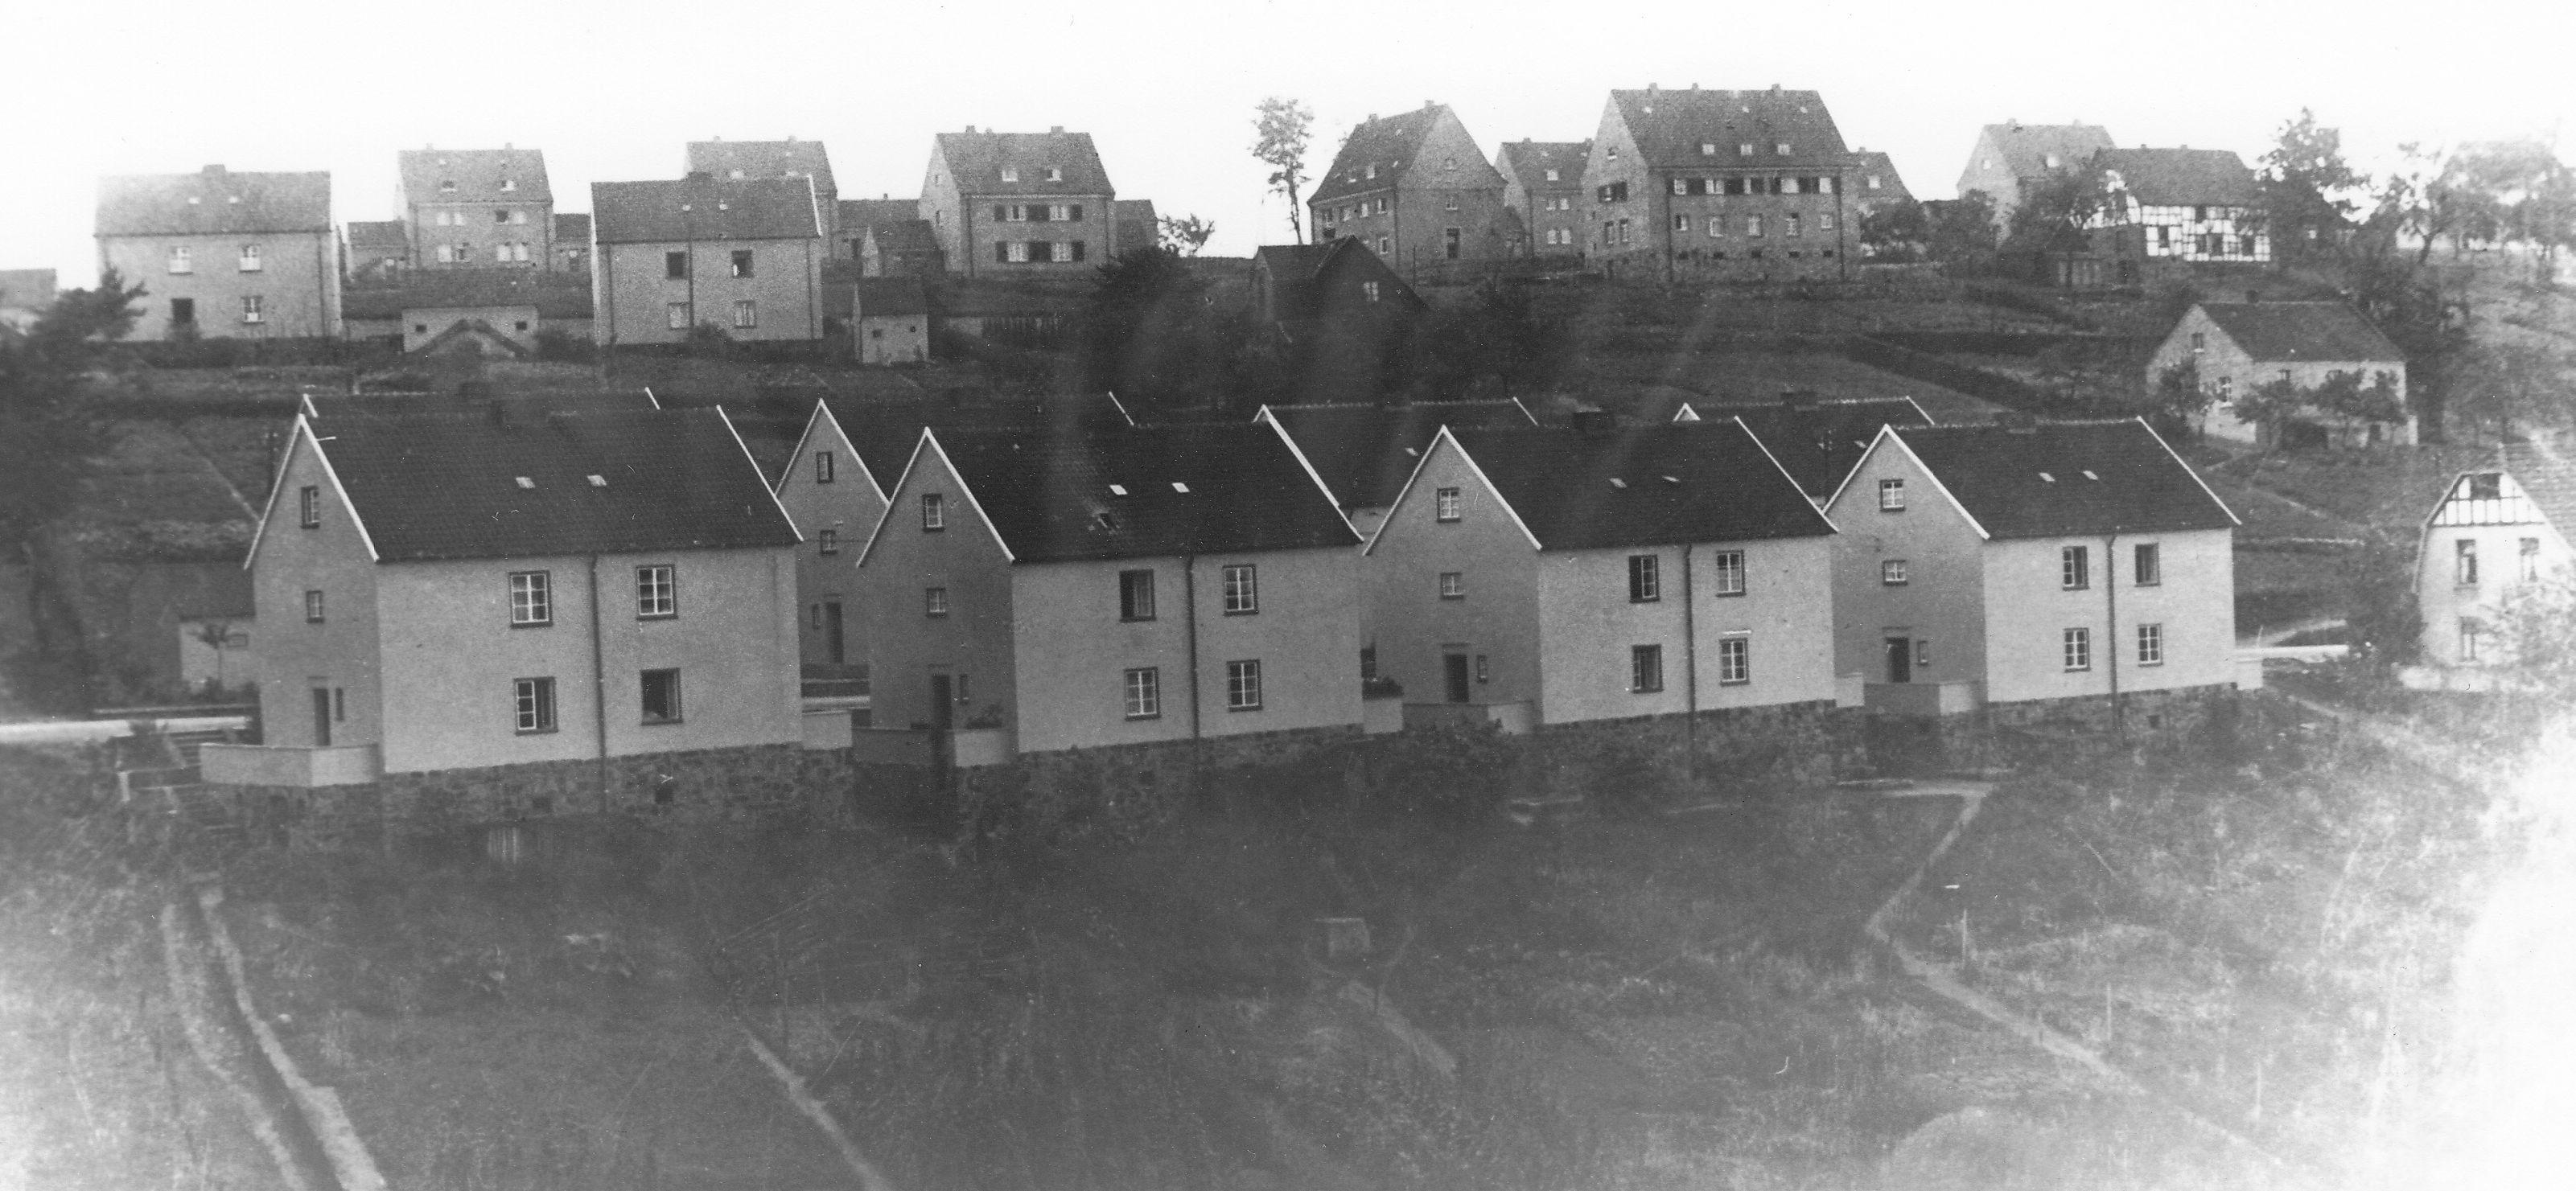 Im Vordergrund die zuvor gemeindeeigene Siedlung Kosterstraße, im Hintergrund die Häuser an der Rautenbergstraße (Blick um 1930 von der katholischen Kirche / Kloster in Richtung Süden) Foto: Archiv W. Dickten